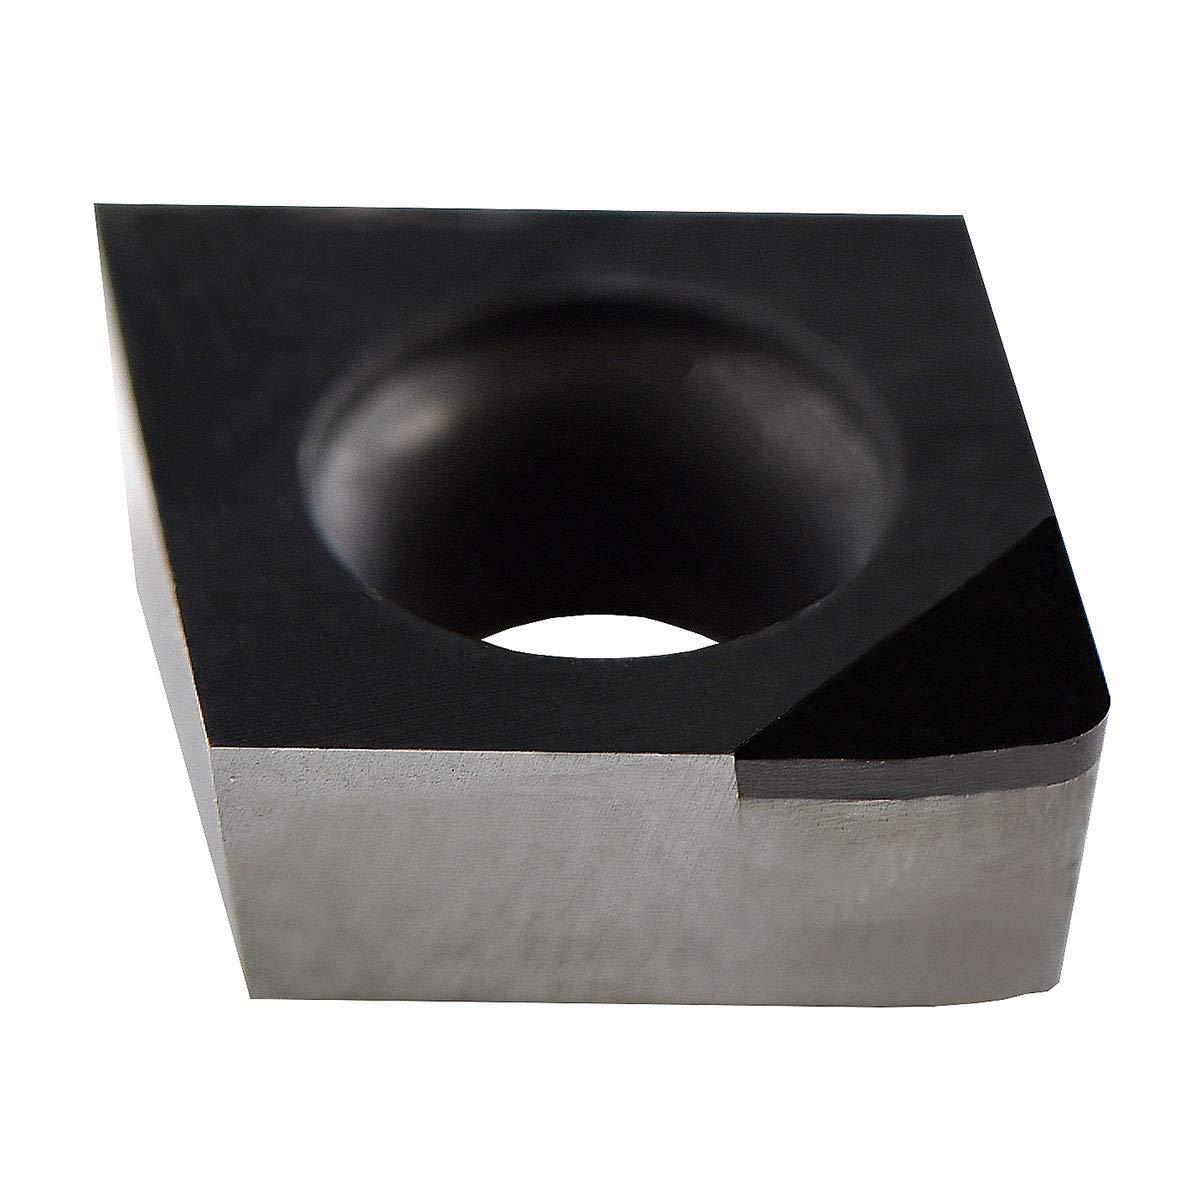 MAXTOOL 10PCs CCMW32.52WP10 PCD Tipped Inserts Wiper Polycrystalline Diamond Grade 1500 CCMW09T308